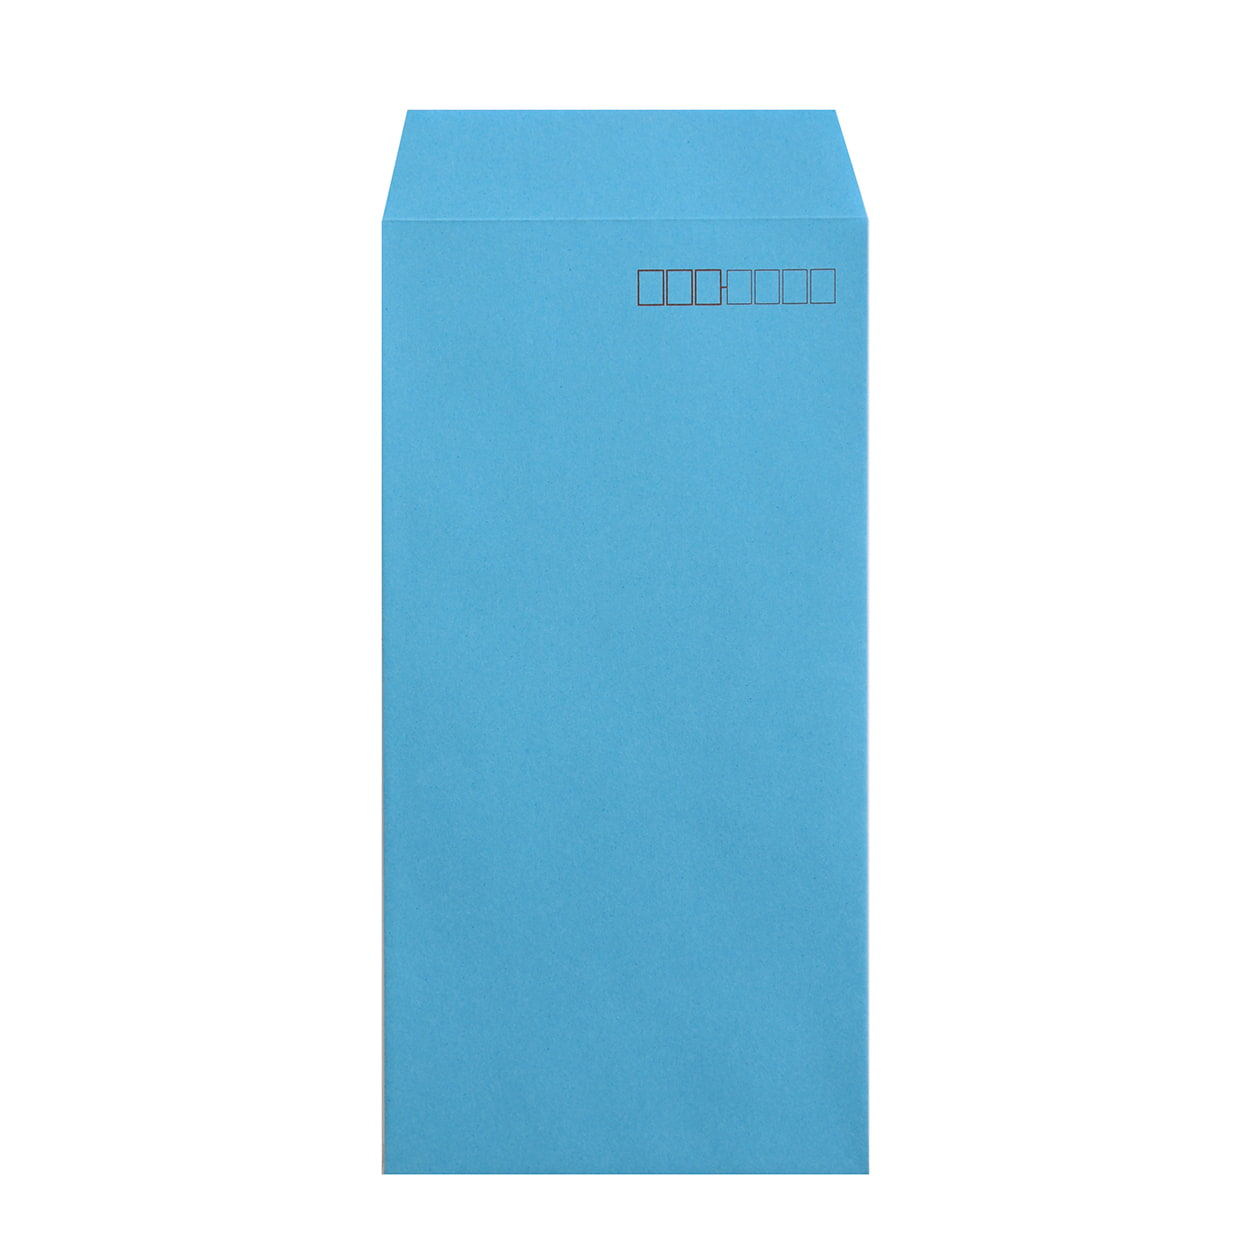 長3封筒 コニーカラー ブルー 85g 郵便枠有